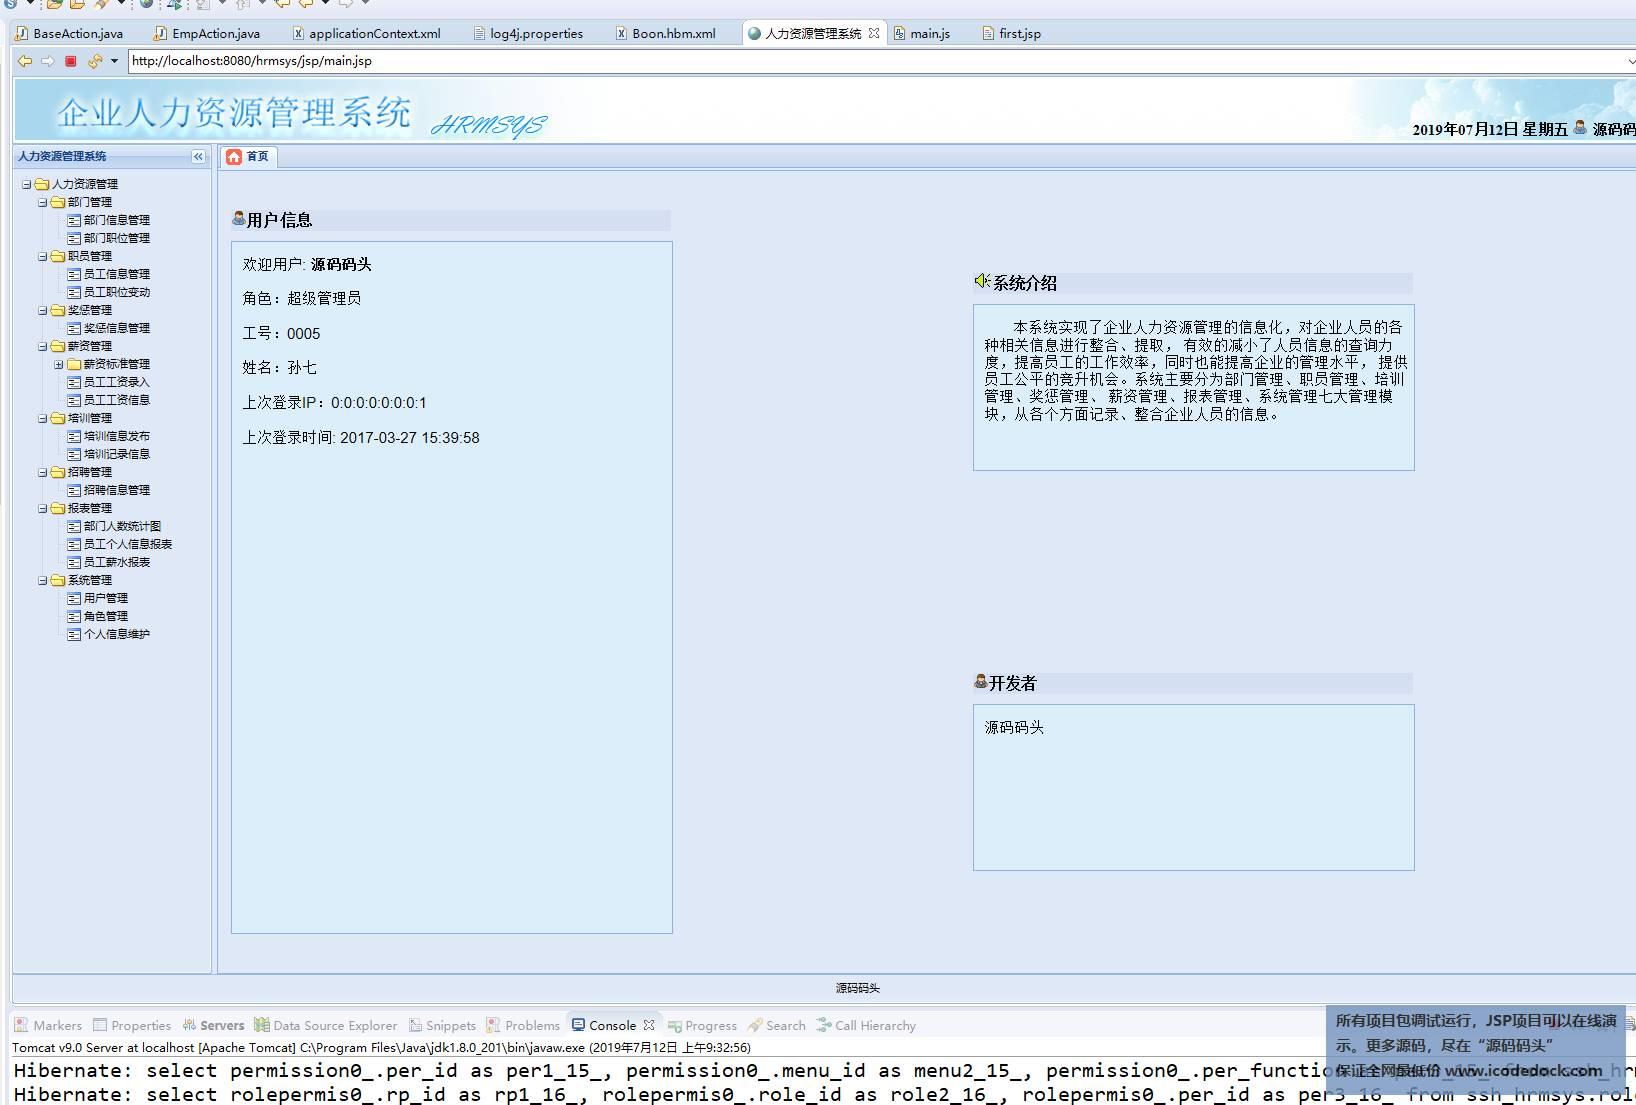 源码码头-SSH企业人力资源管理系统-管理员角色-登录首页